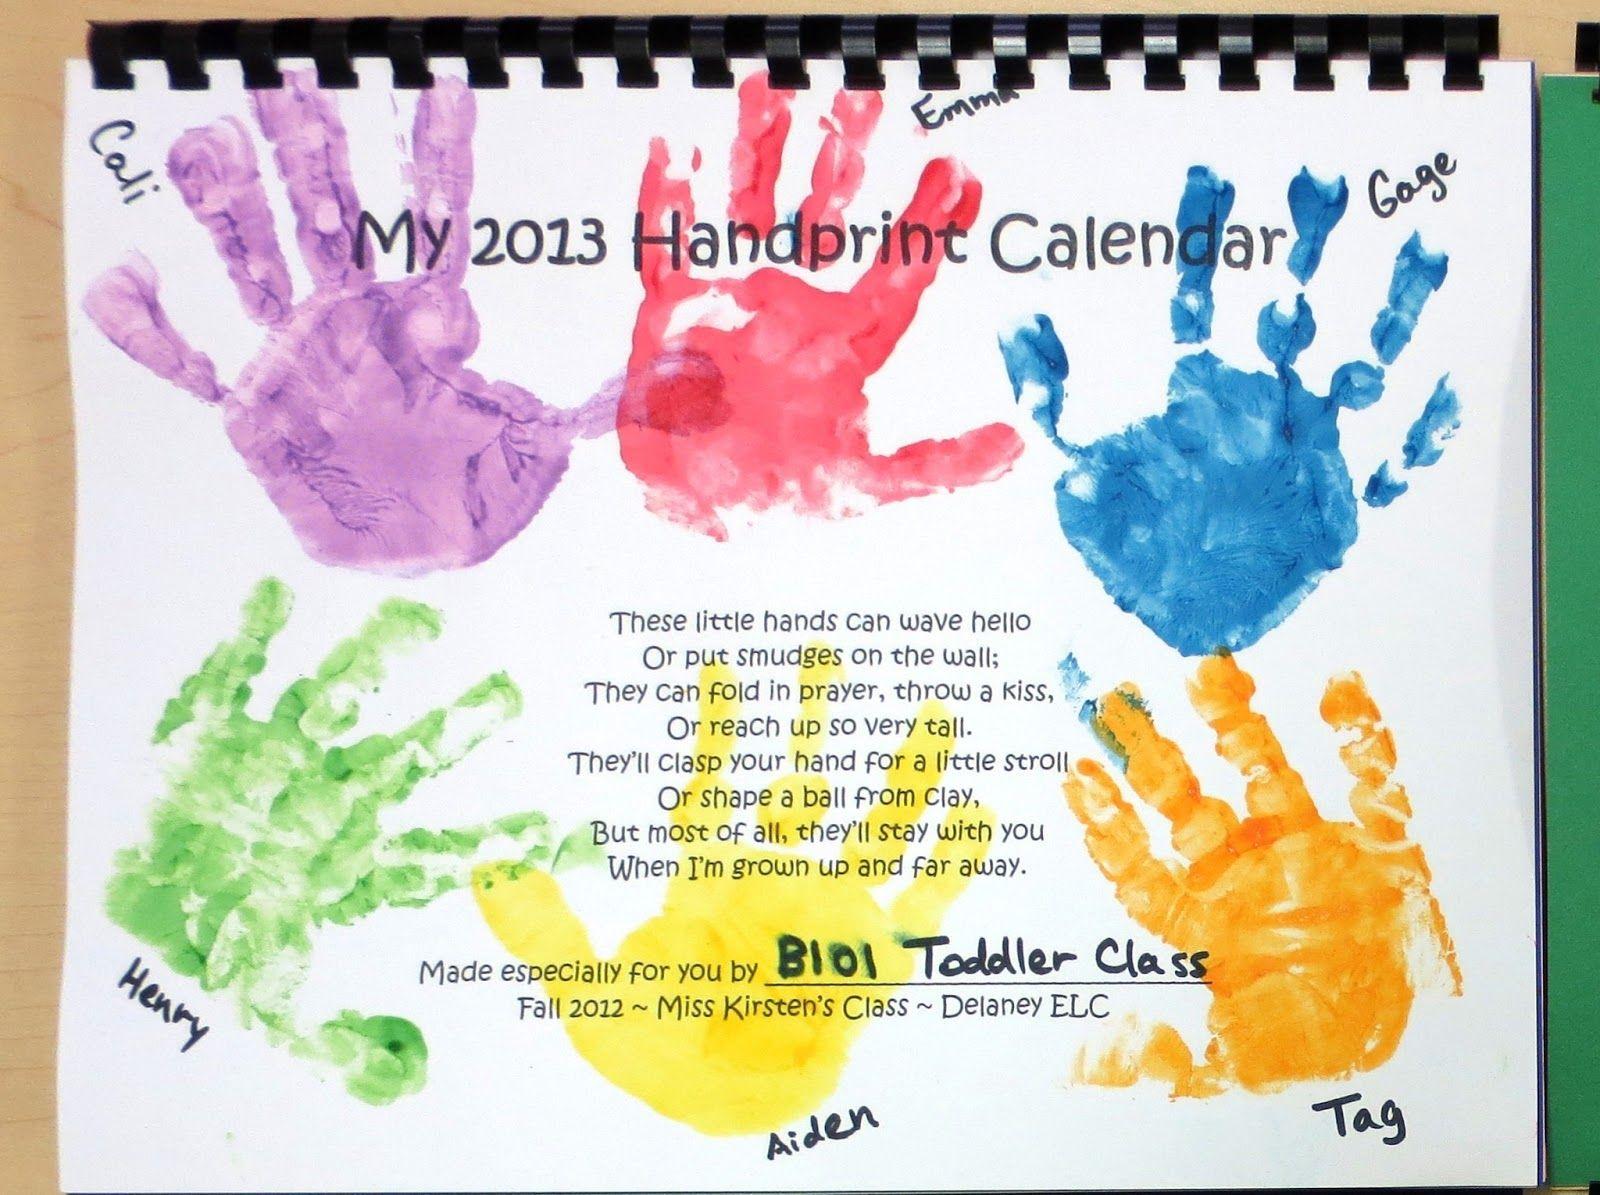 Calendar Craft Ideas For Kids : Cover page preschool handprint calendar ideas